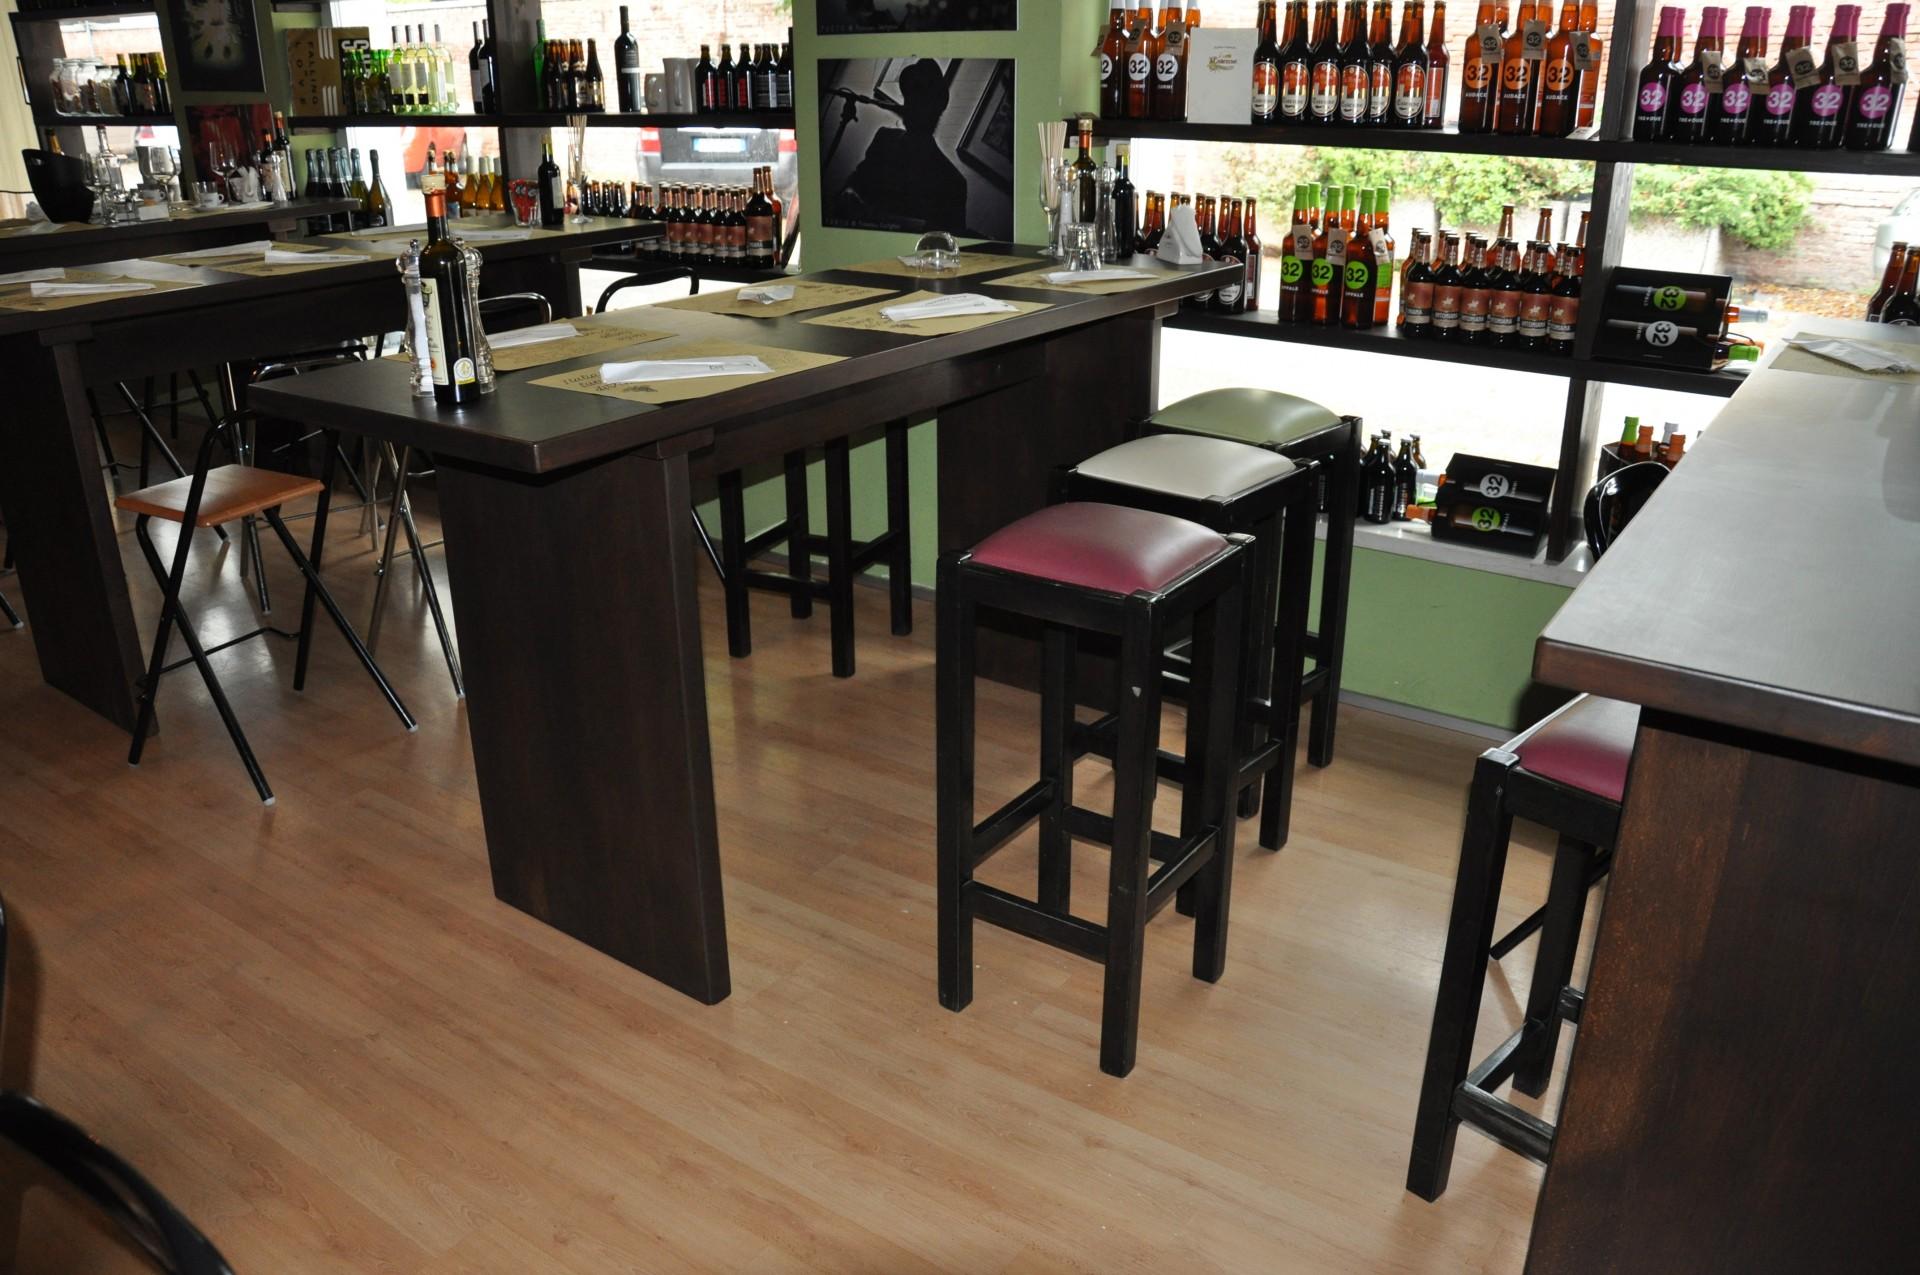 Tavolo in legno per bar e ristorante | Fadini Mobili Cerea Verona